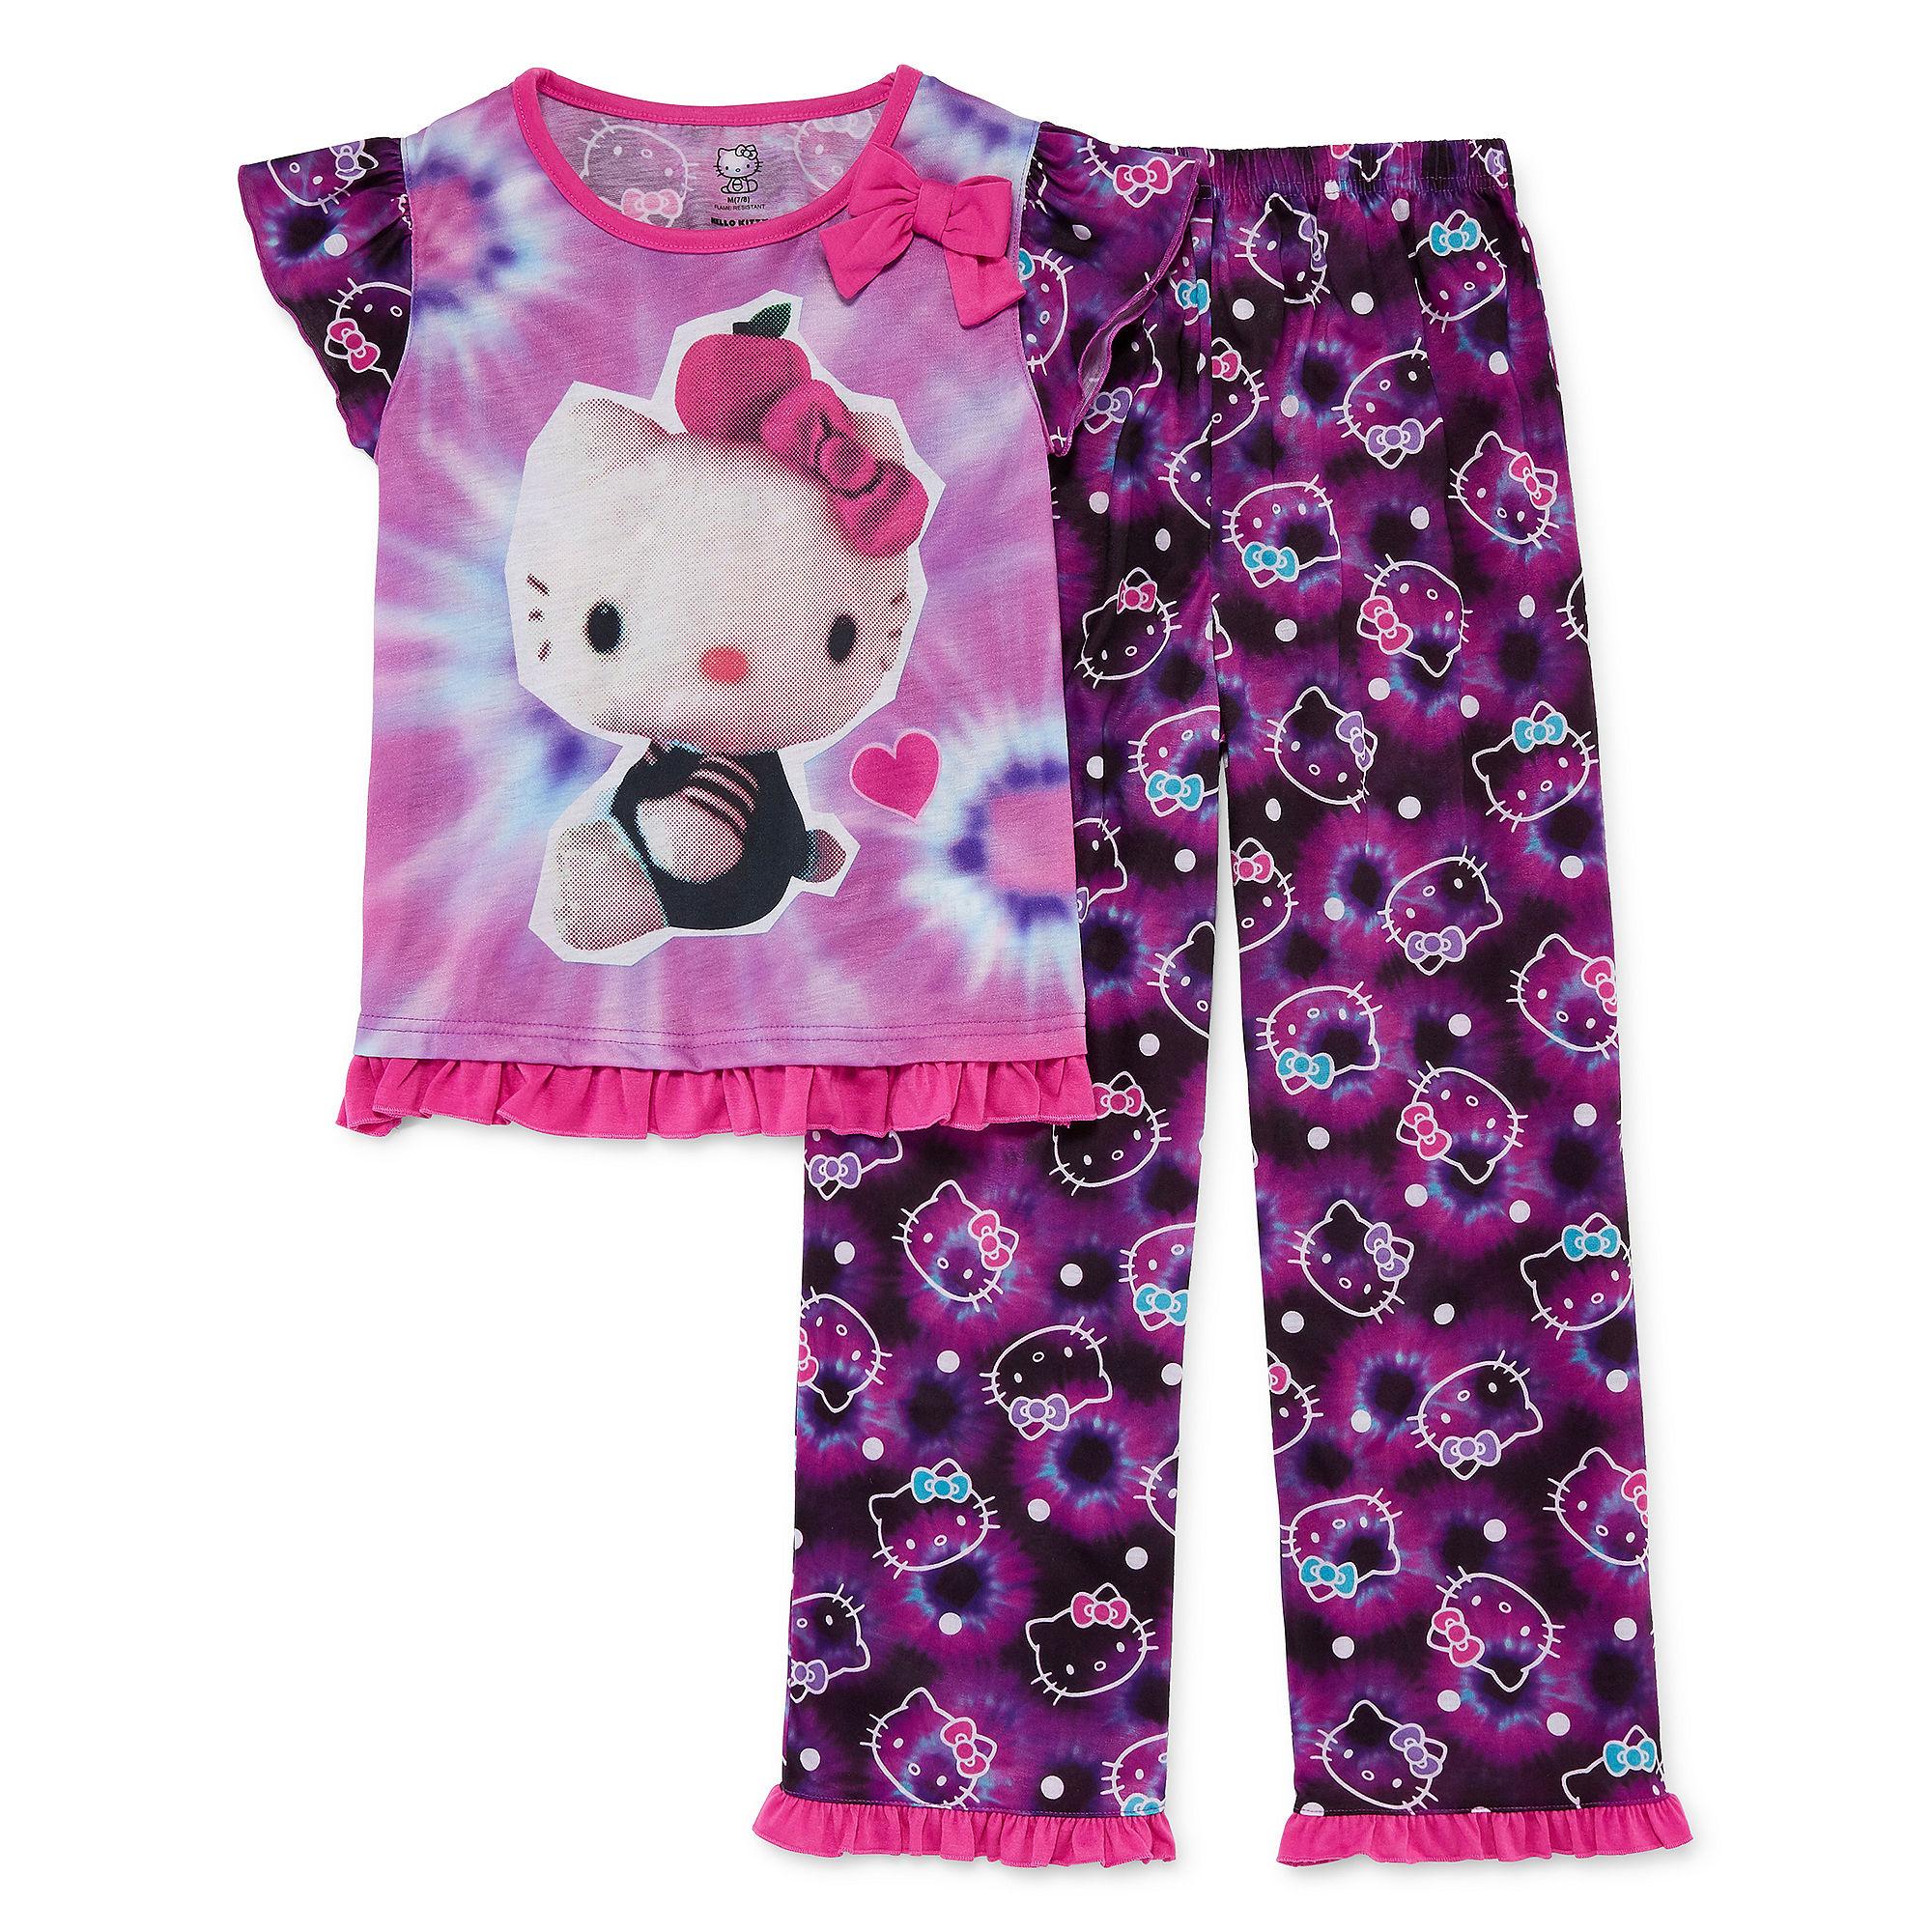 Hello Kitty 2-pc. Sleep Shirt and Pants Set - Girls